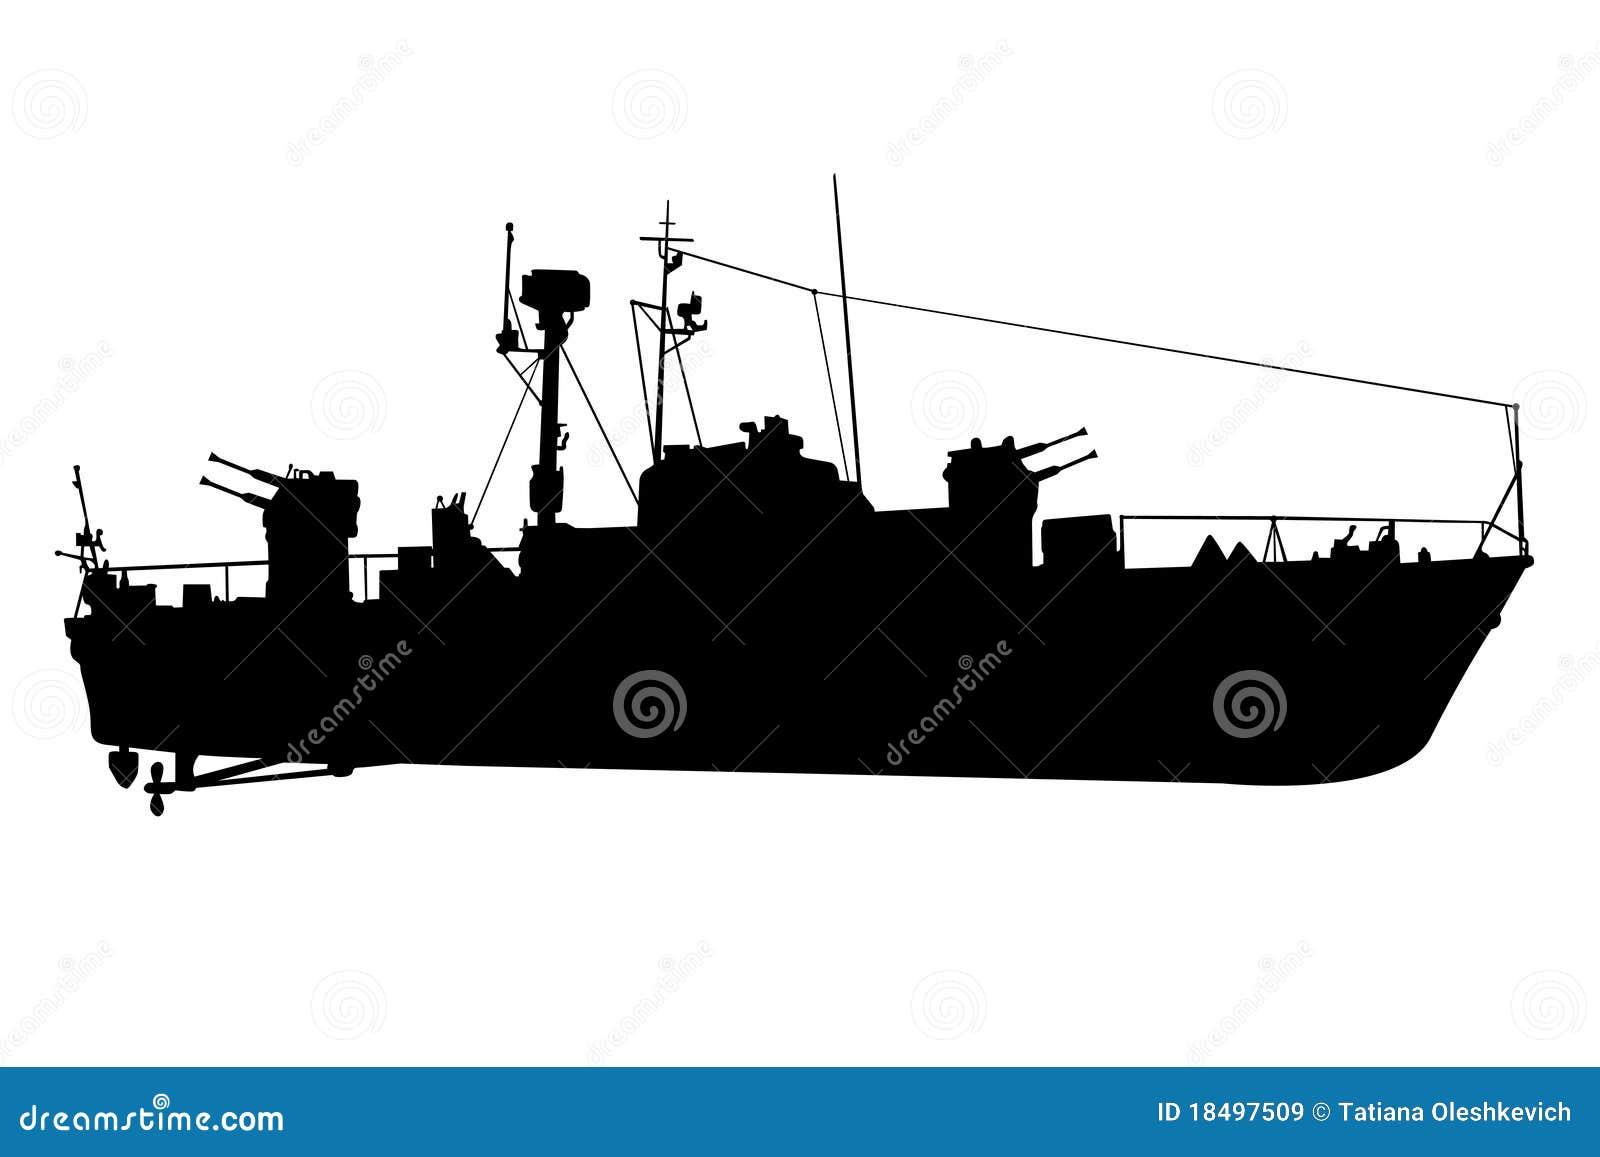 Verkenner-slagschip zwart silhouet